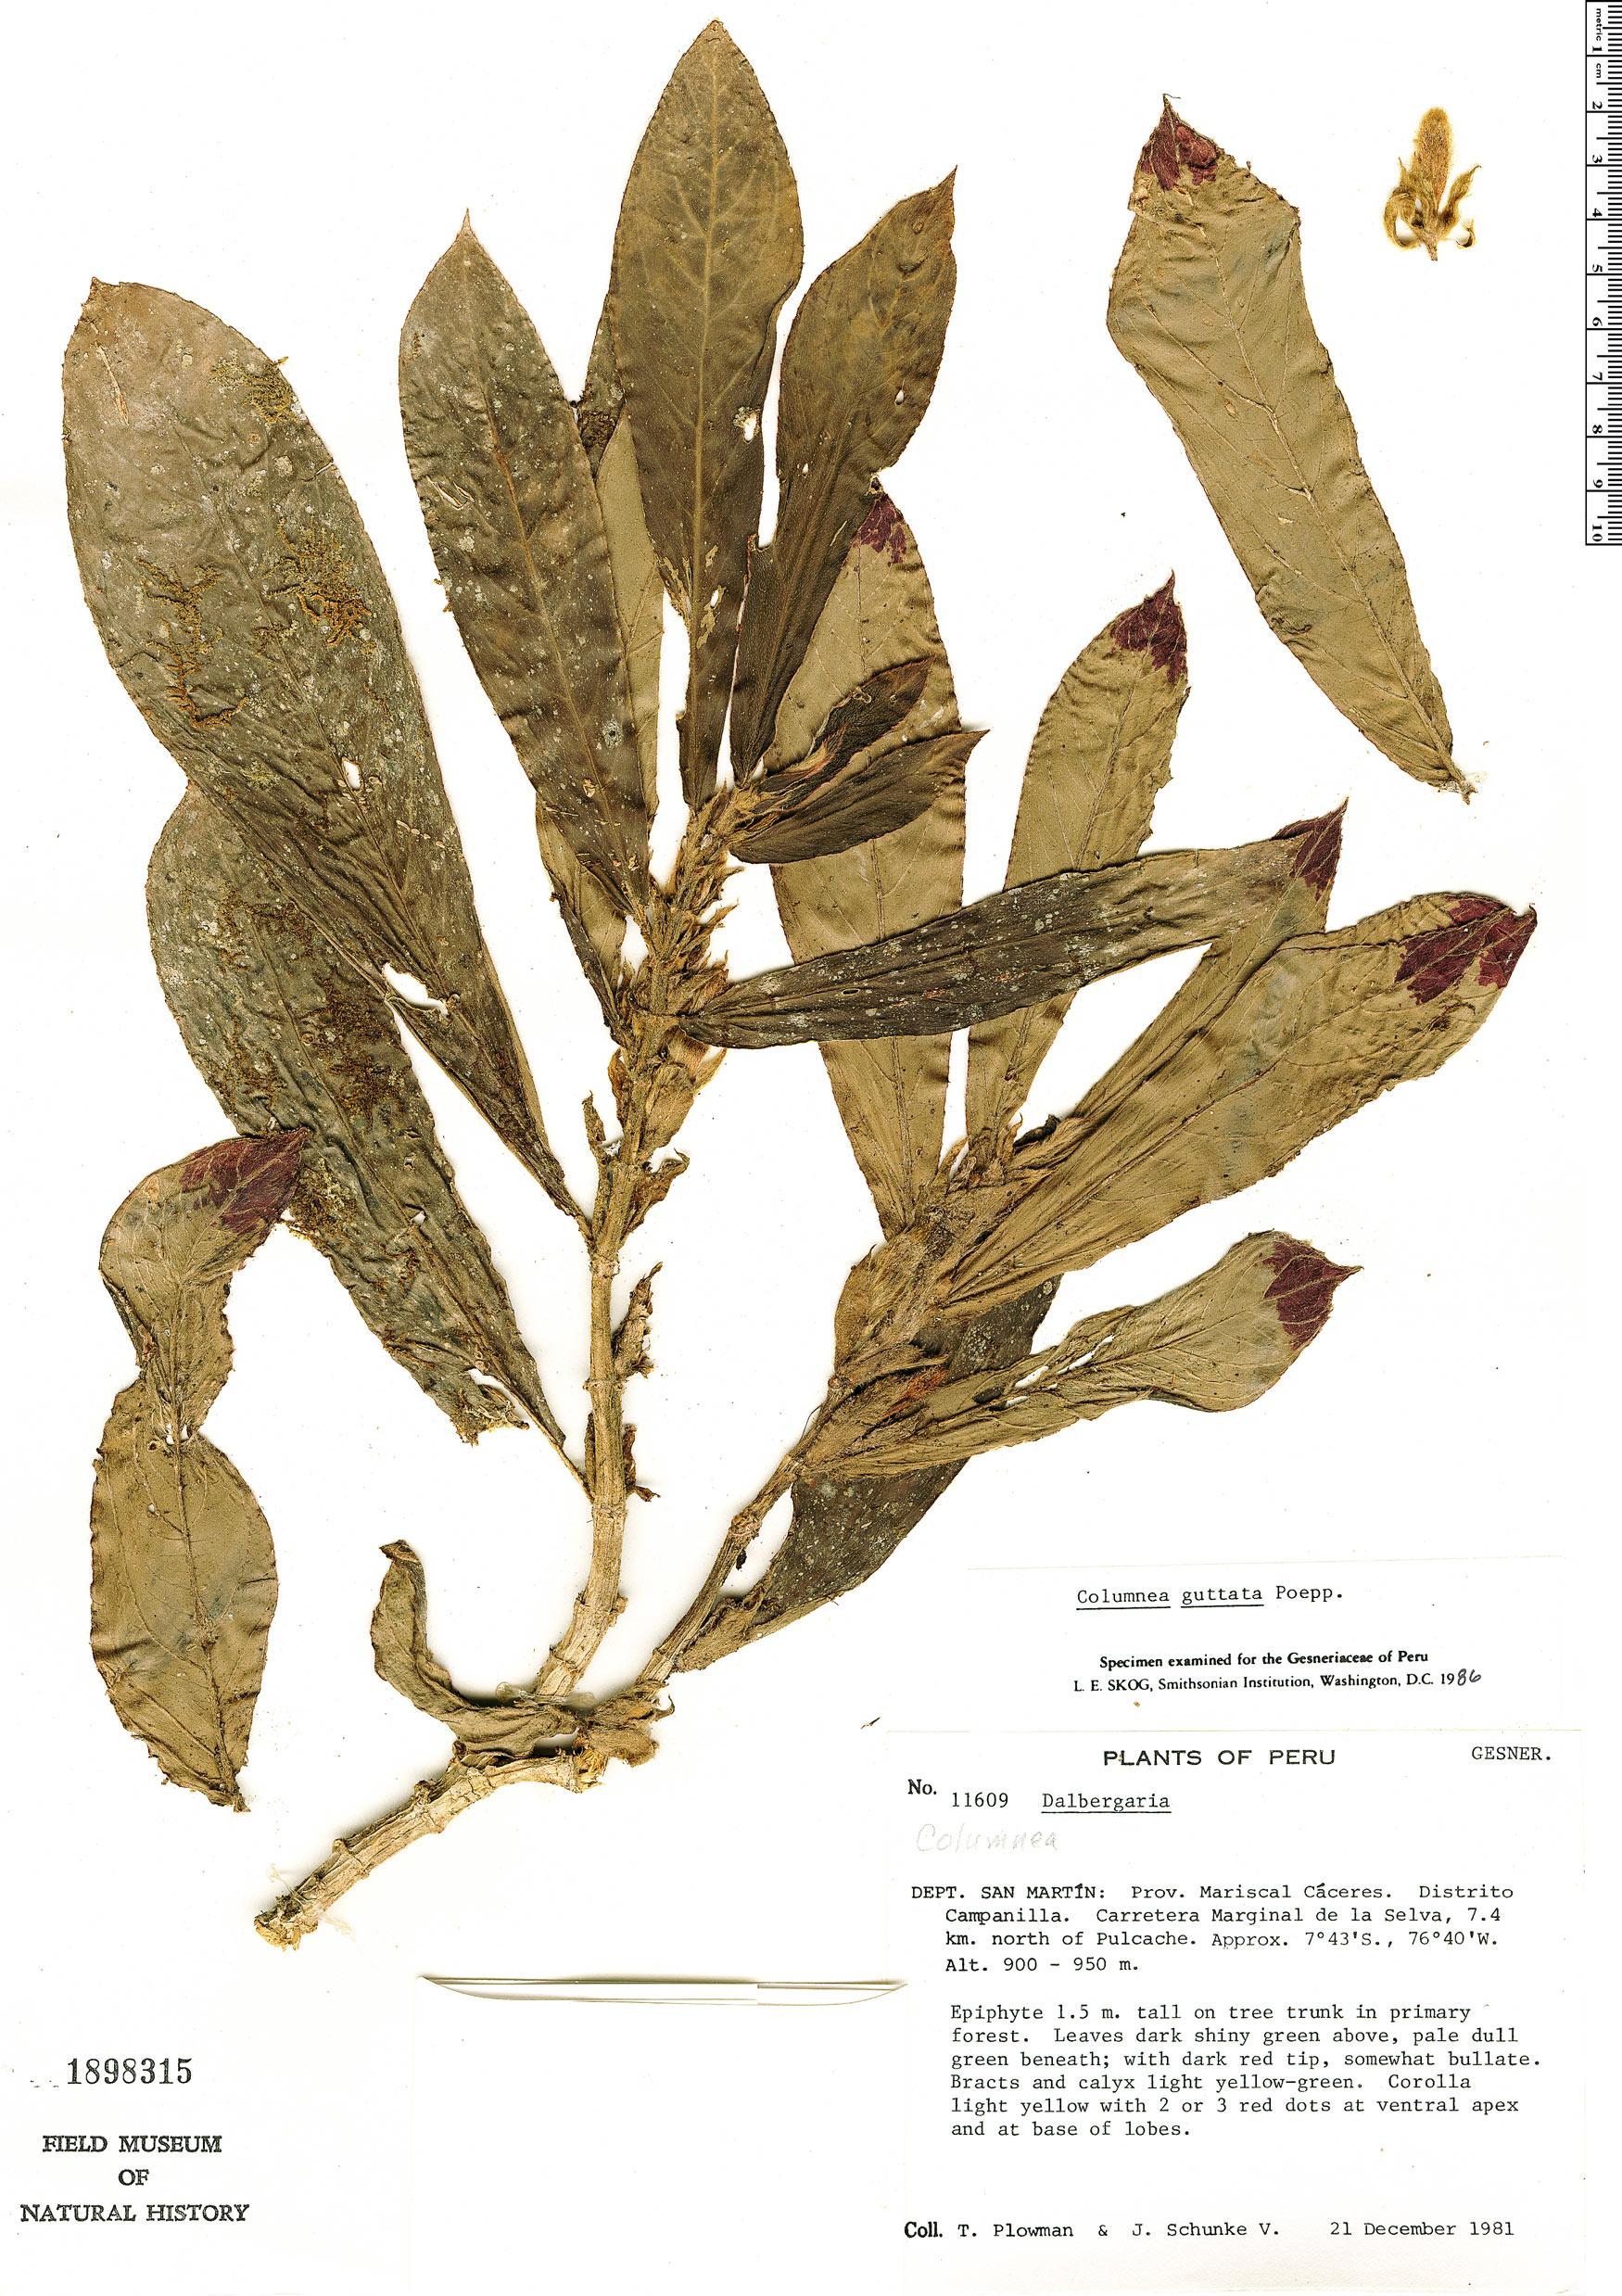 Specimen: Columnea guttata